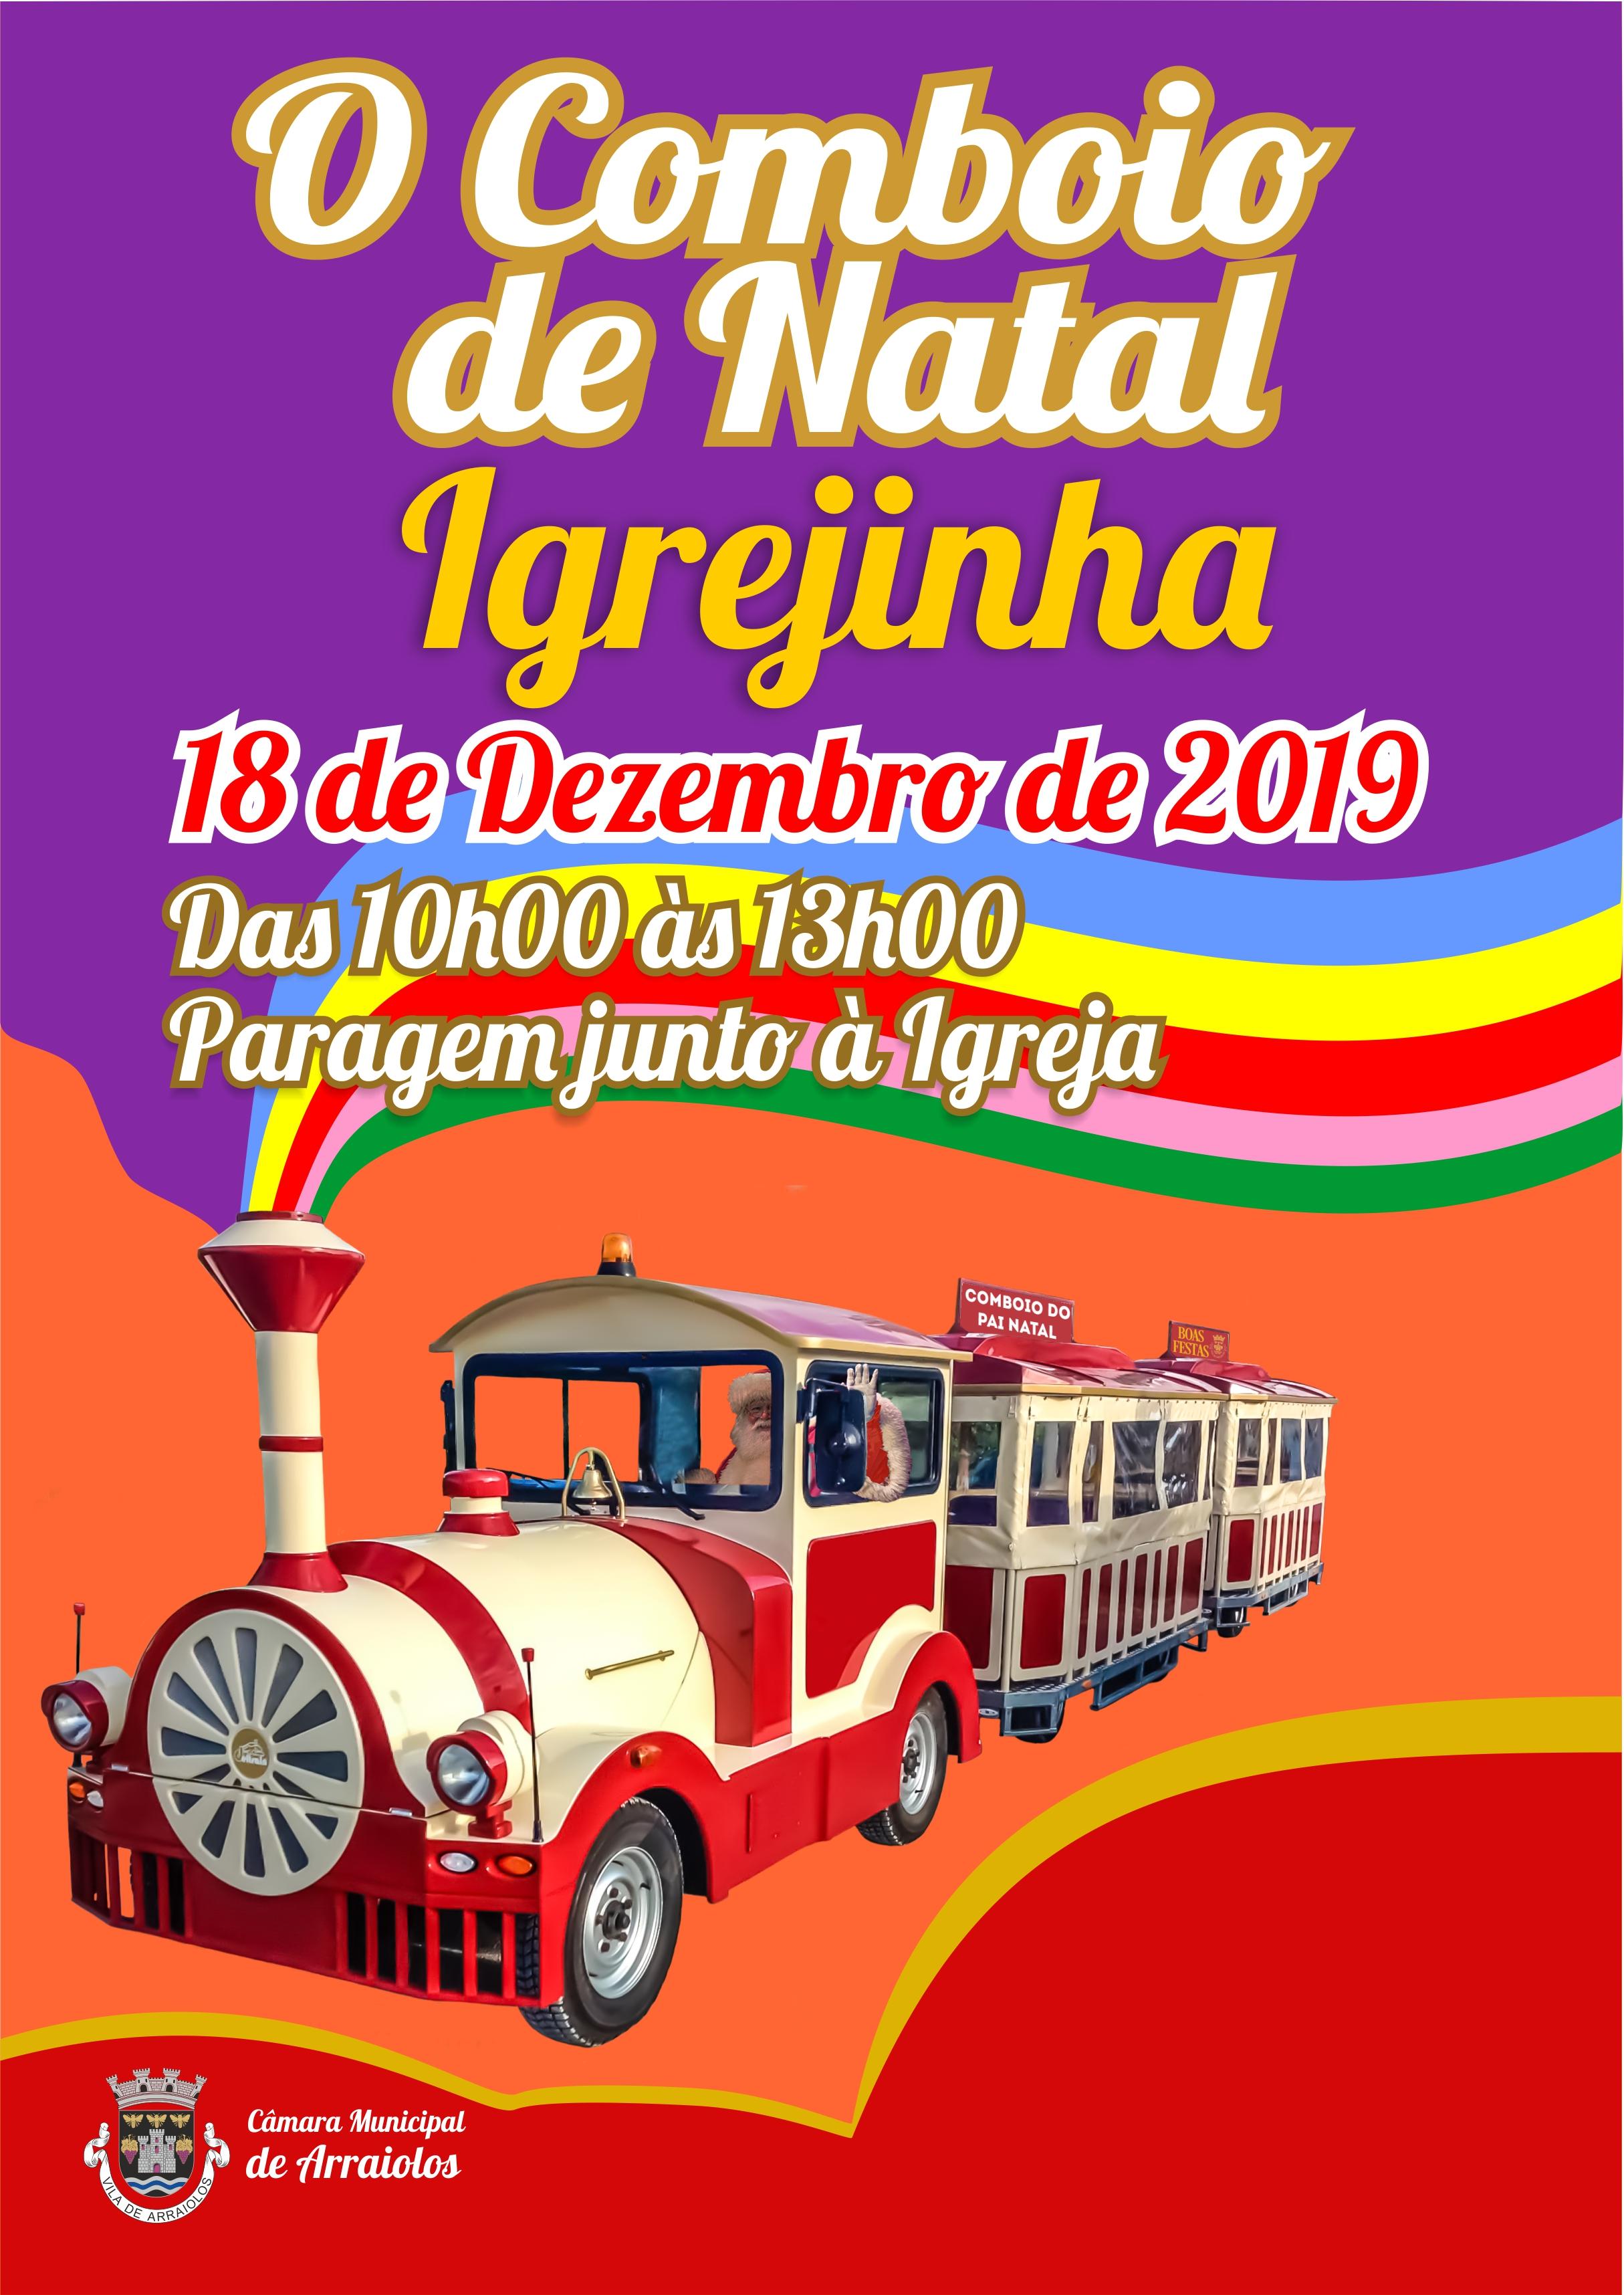 Comboio de Natal Igrejinha.jpg